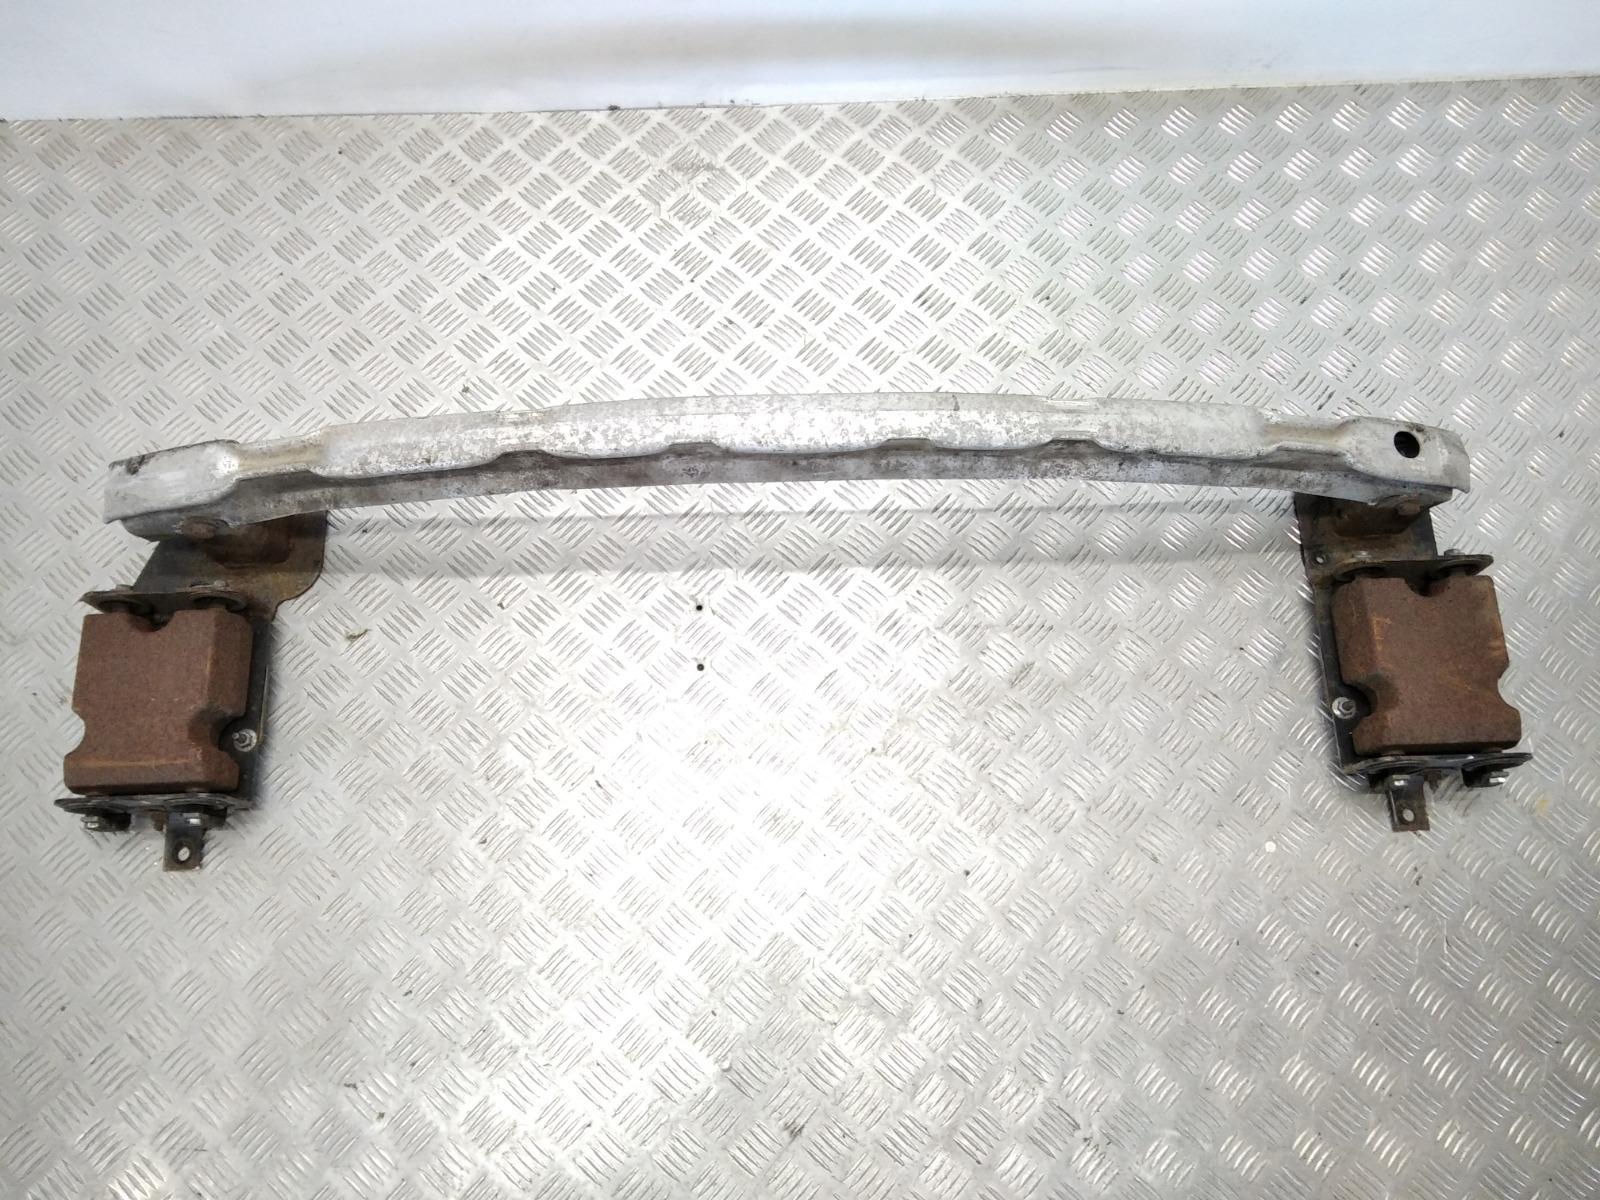 Усилитель бампера заднего Renault Megane 1.6 I 2008 (б/у)